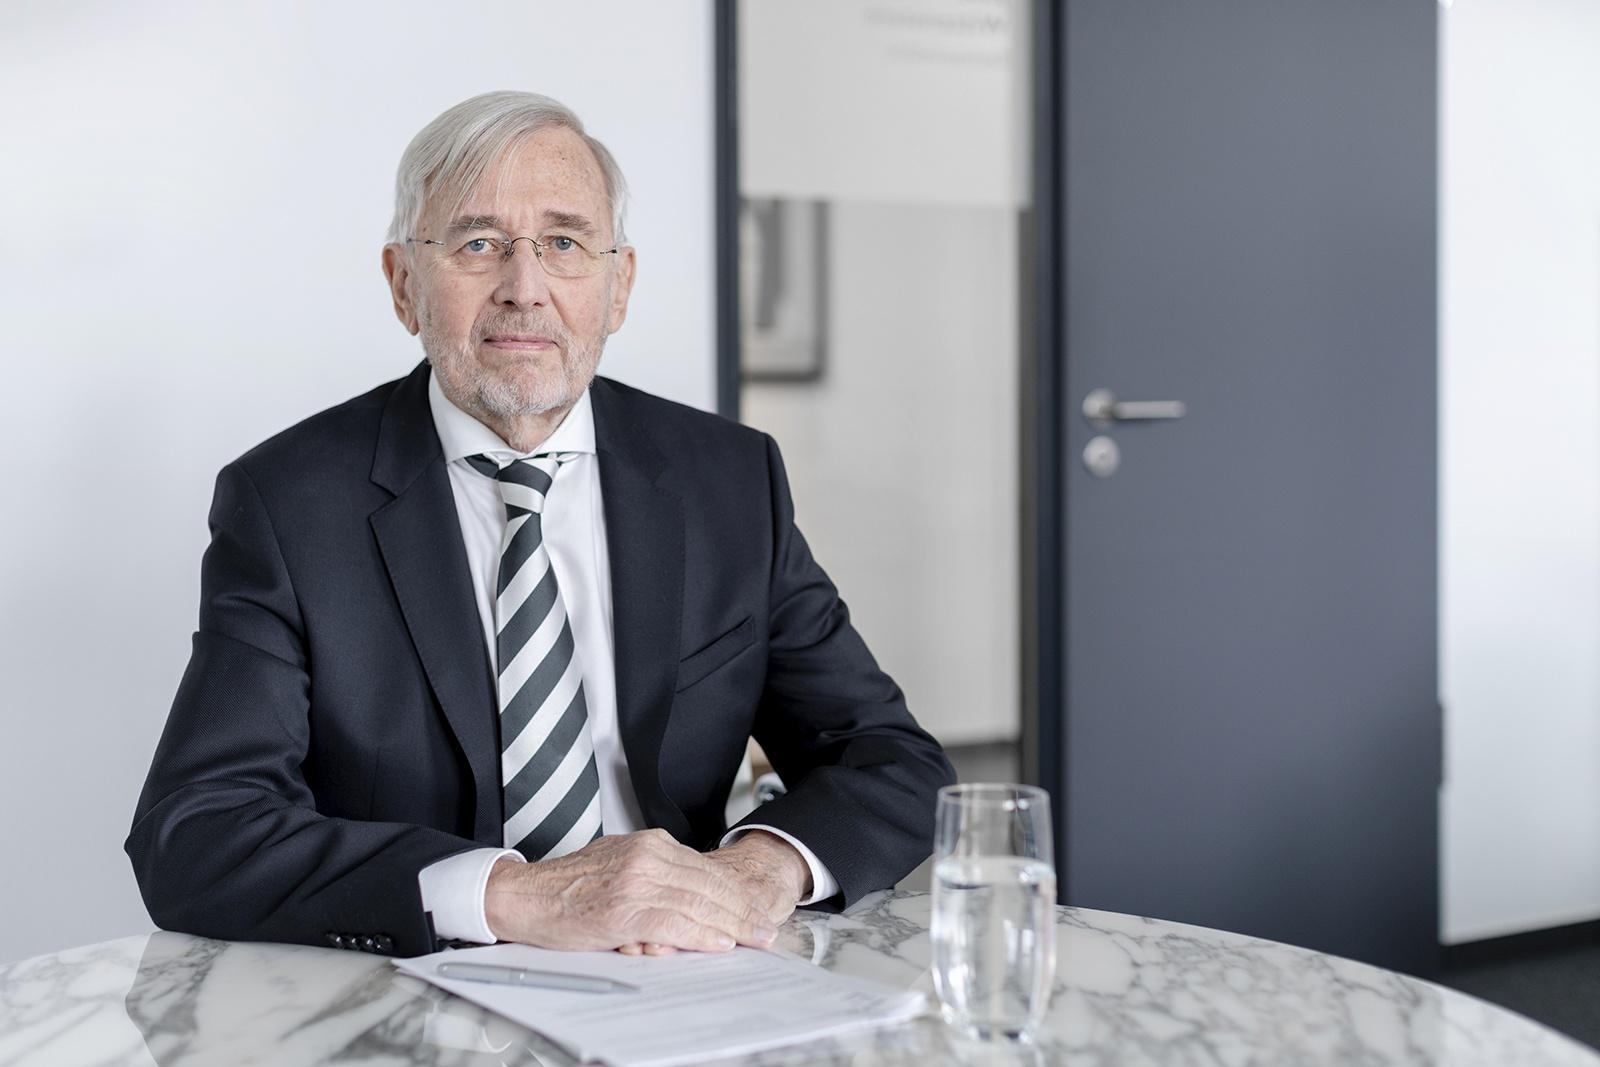 Rechtsanwalt Dr. Wittenstein